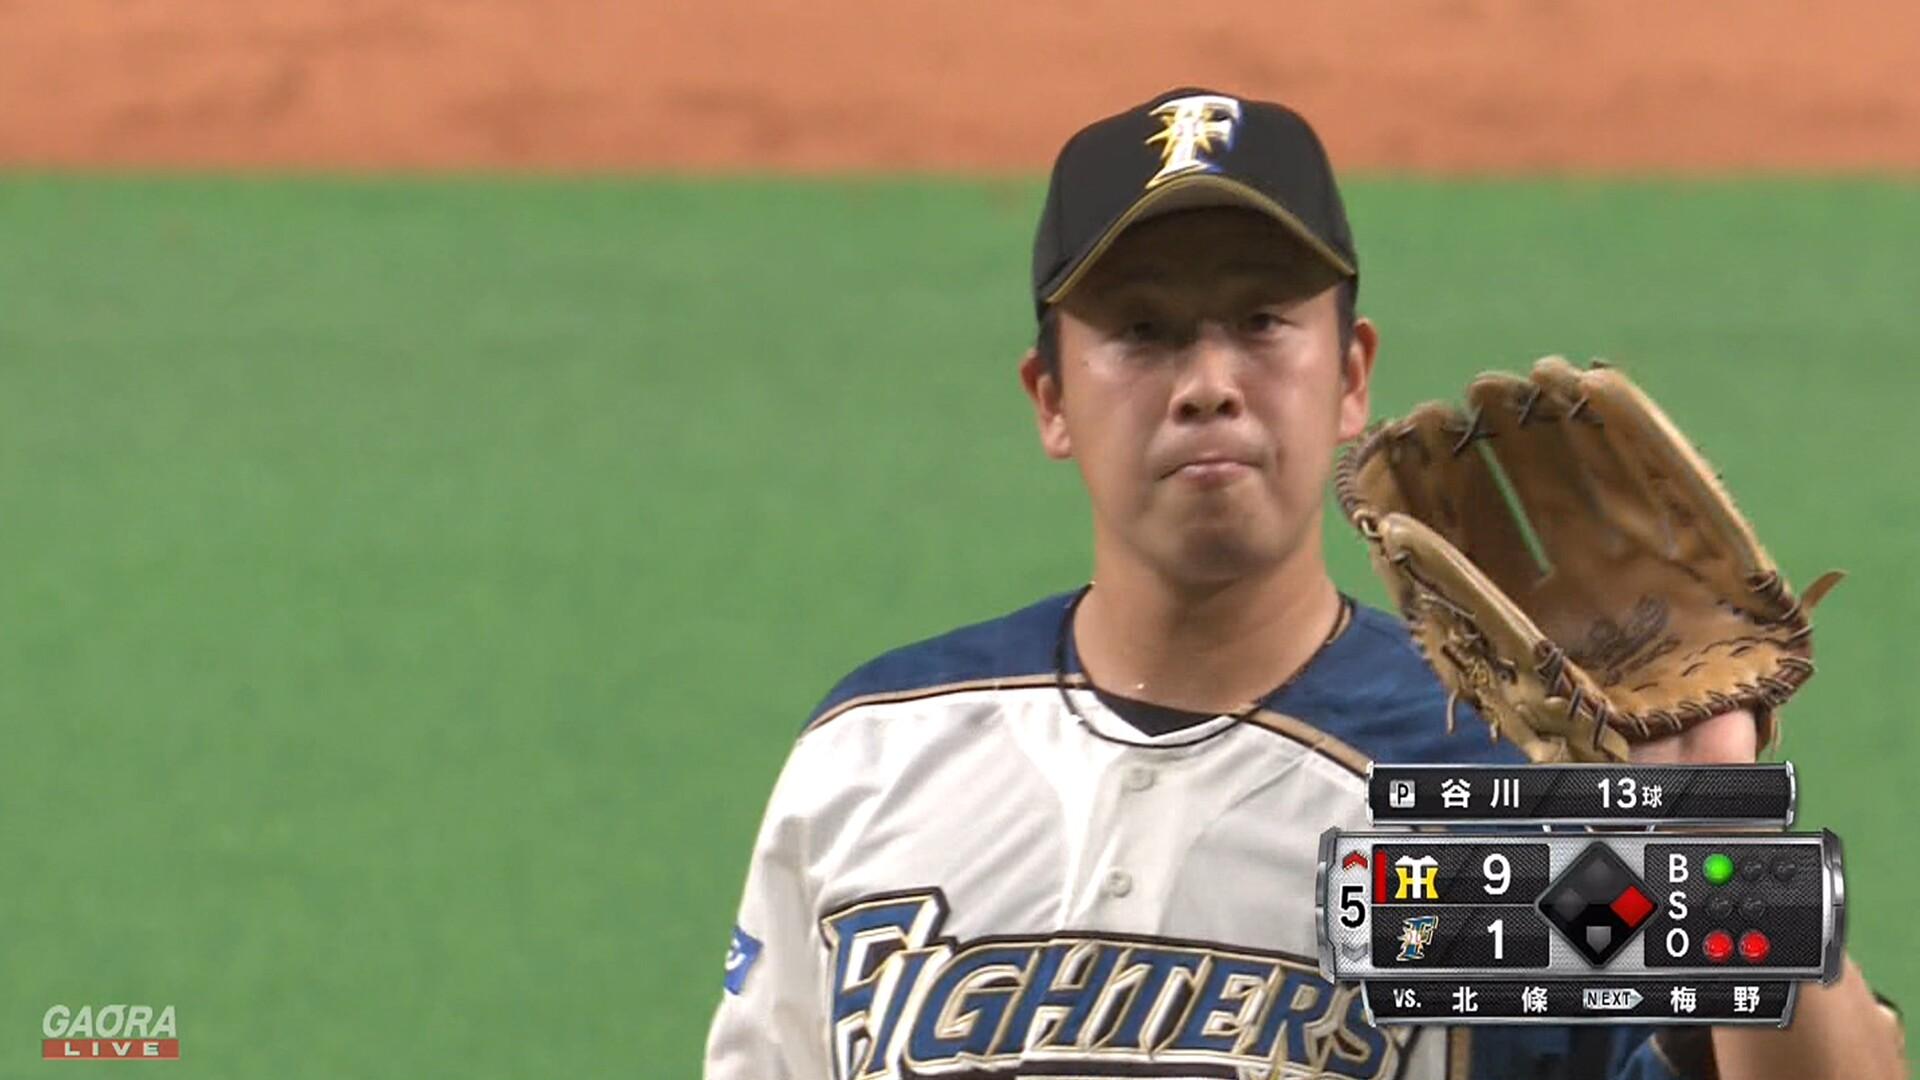 日ハム・谷川、古巣阪神を相手にゲッツーで火消し成功! …のはずが4失点